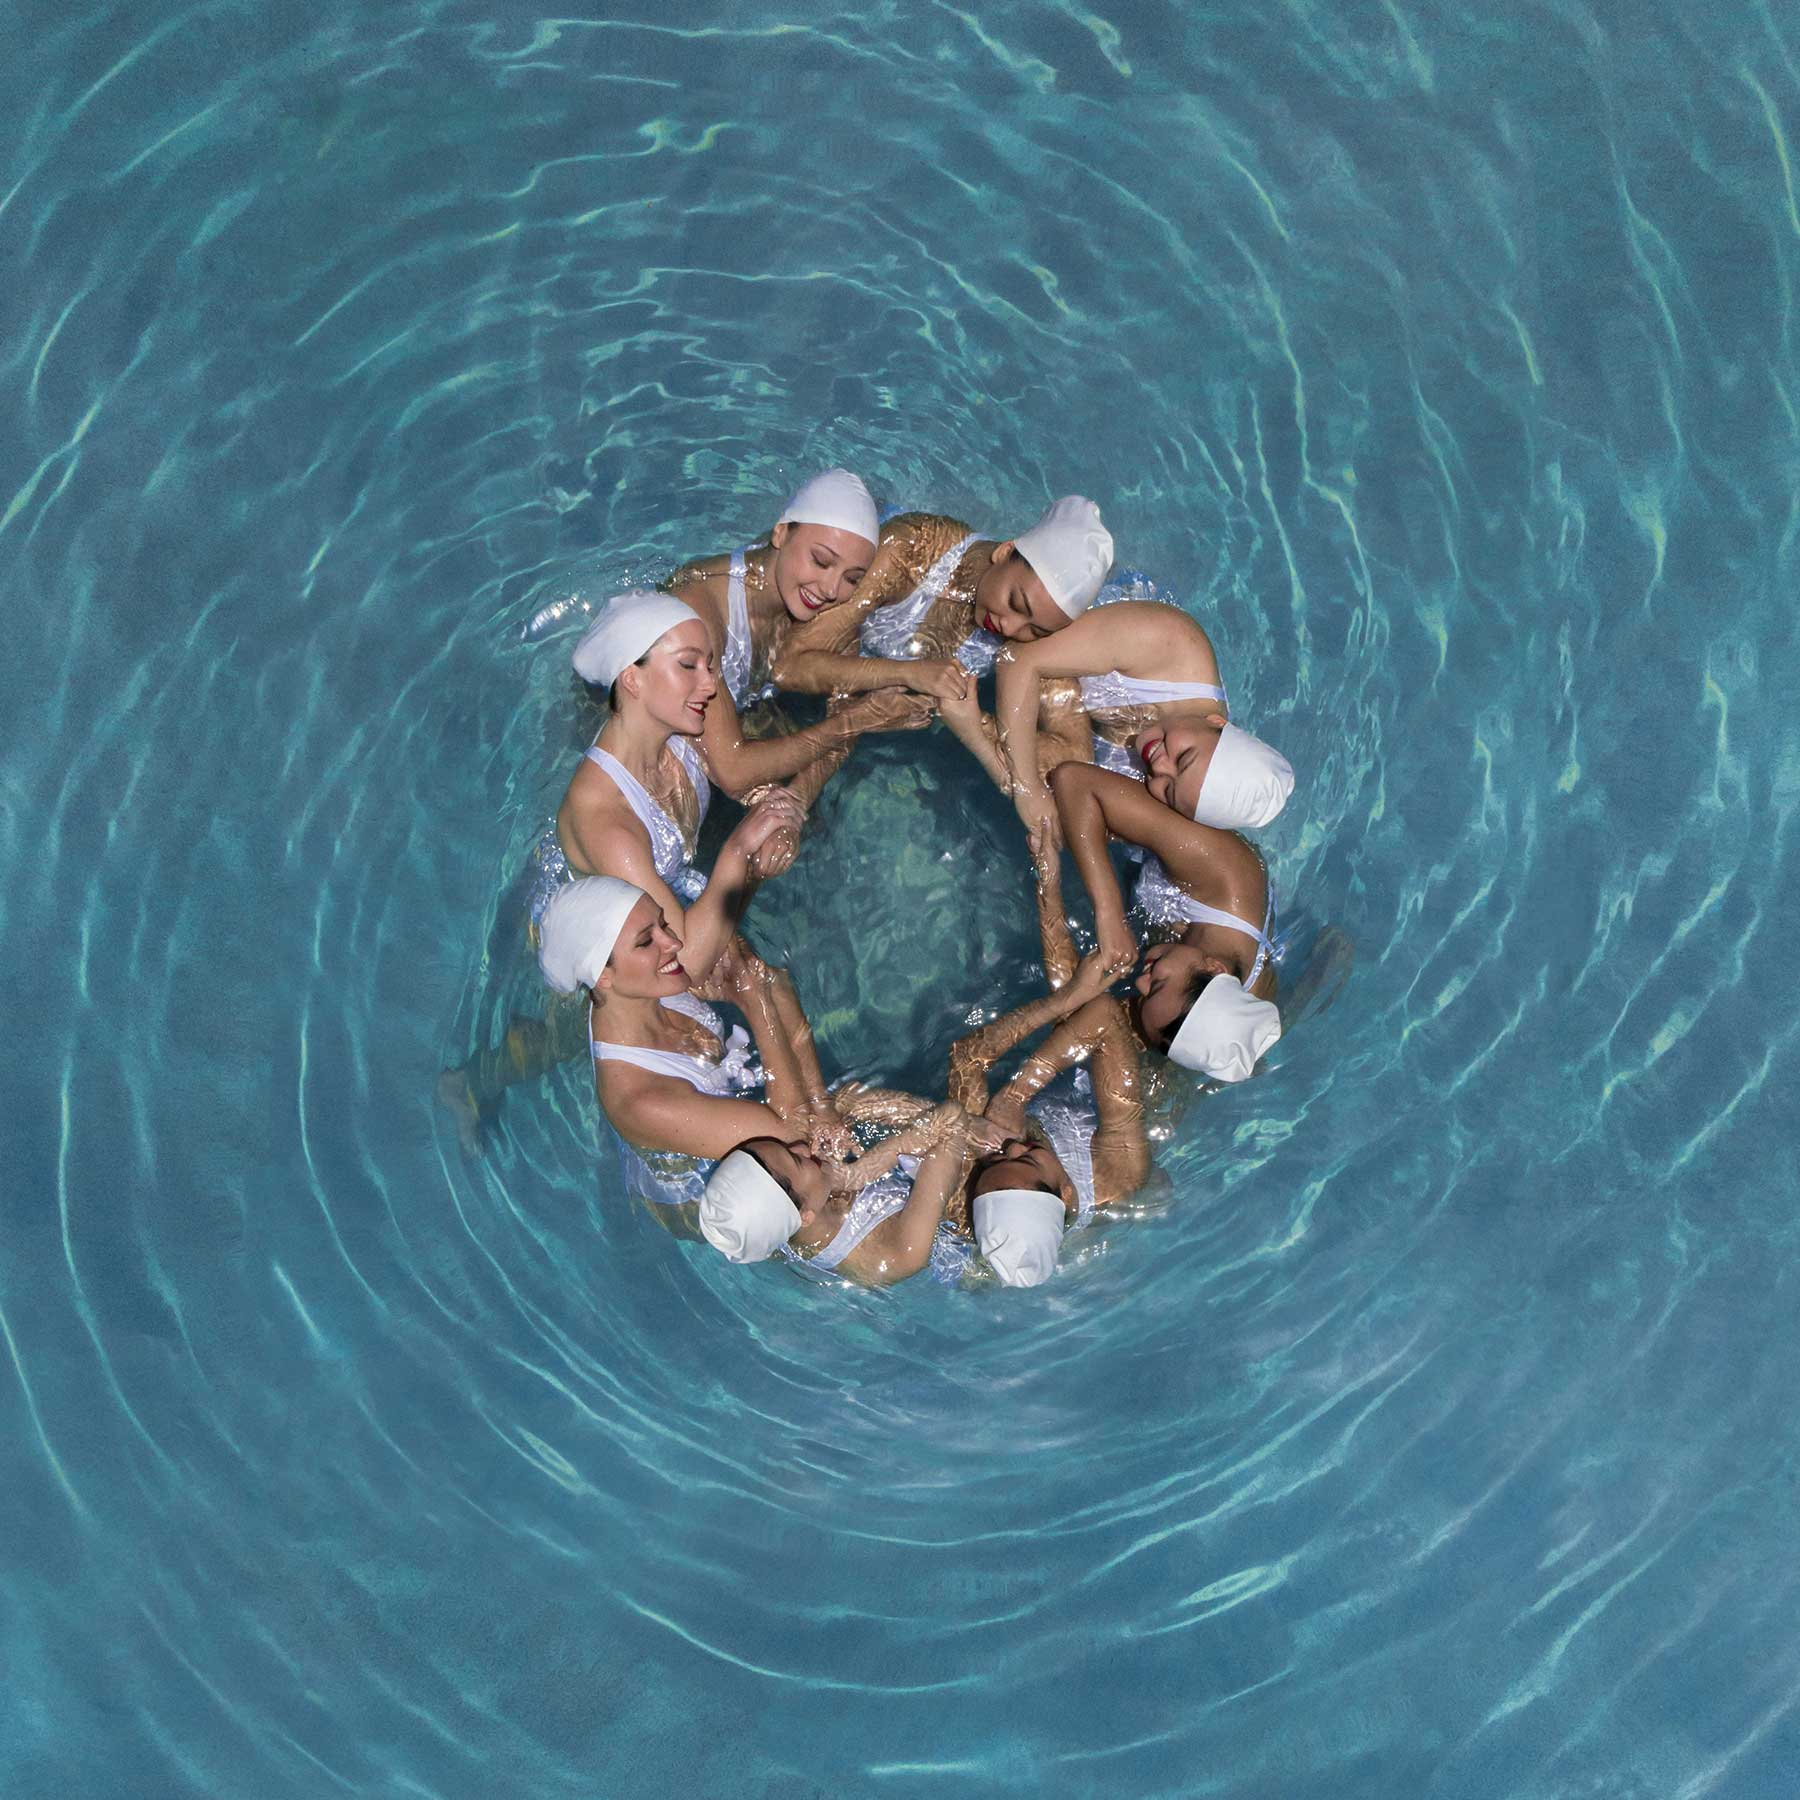 Synchronschwimmen-Luftaufnahmen von Brad Walls Water-Geomaids-Brad-Walls_10